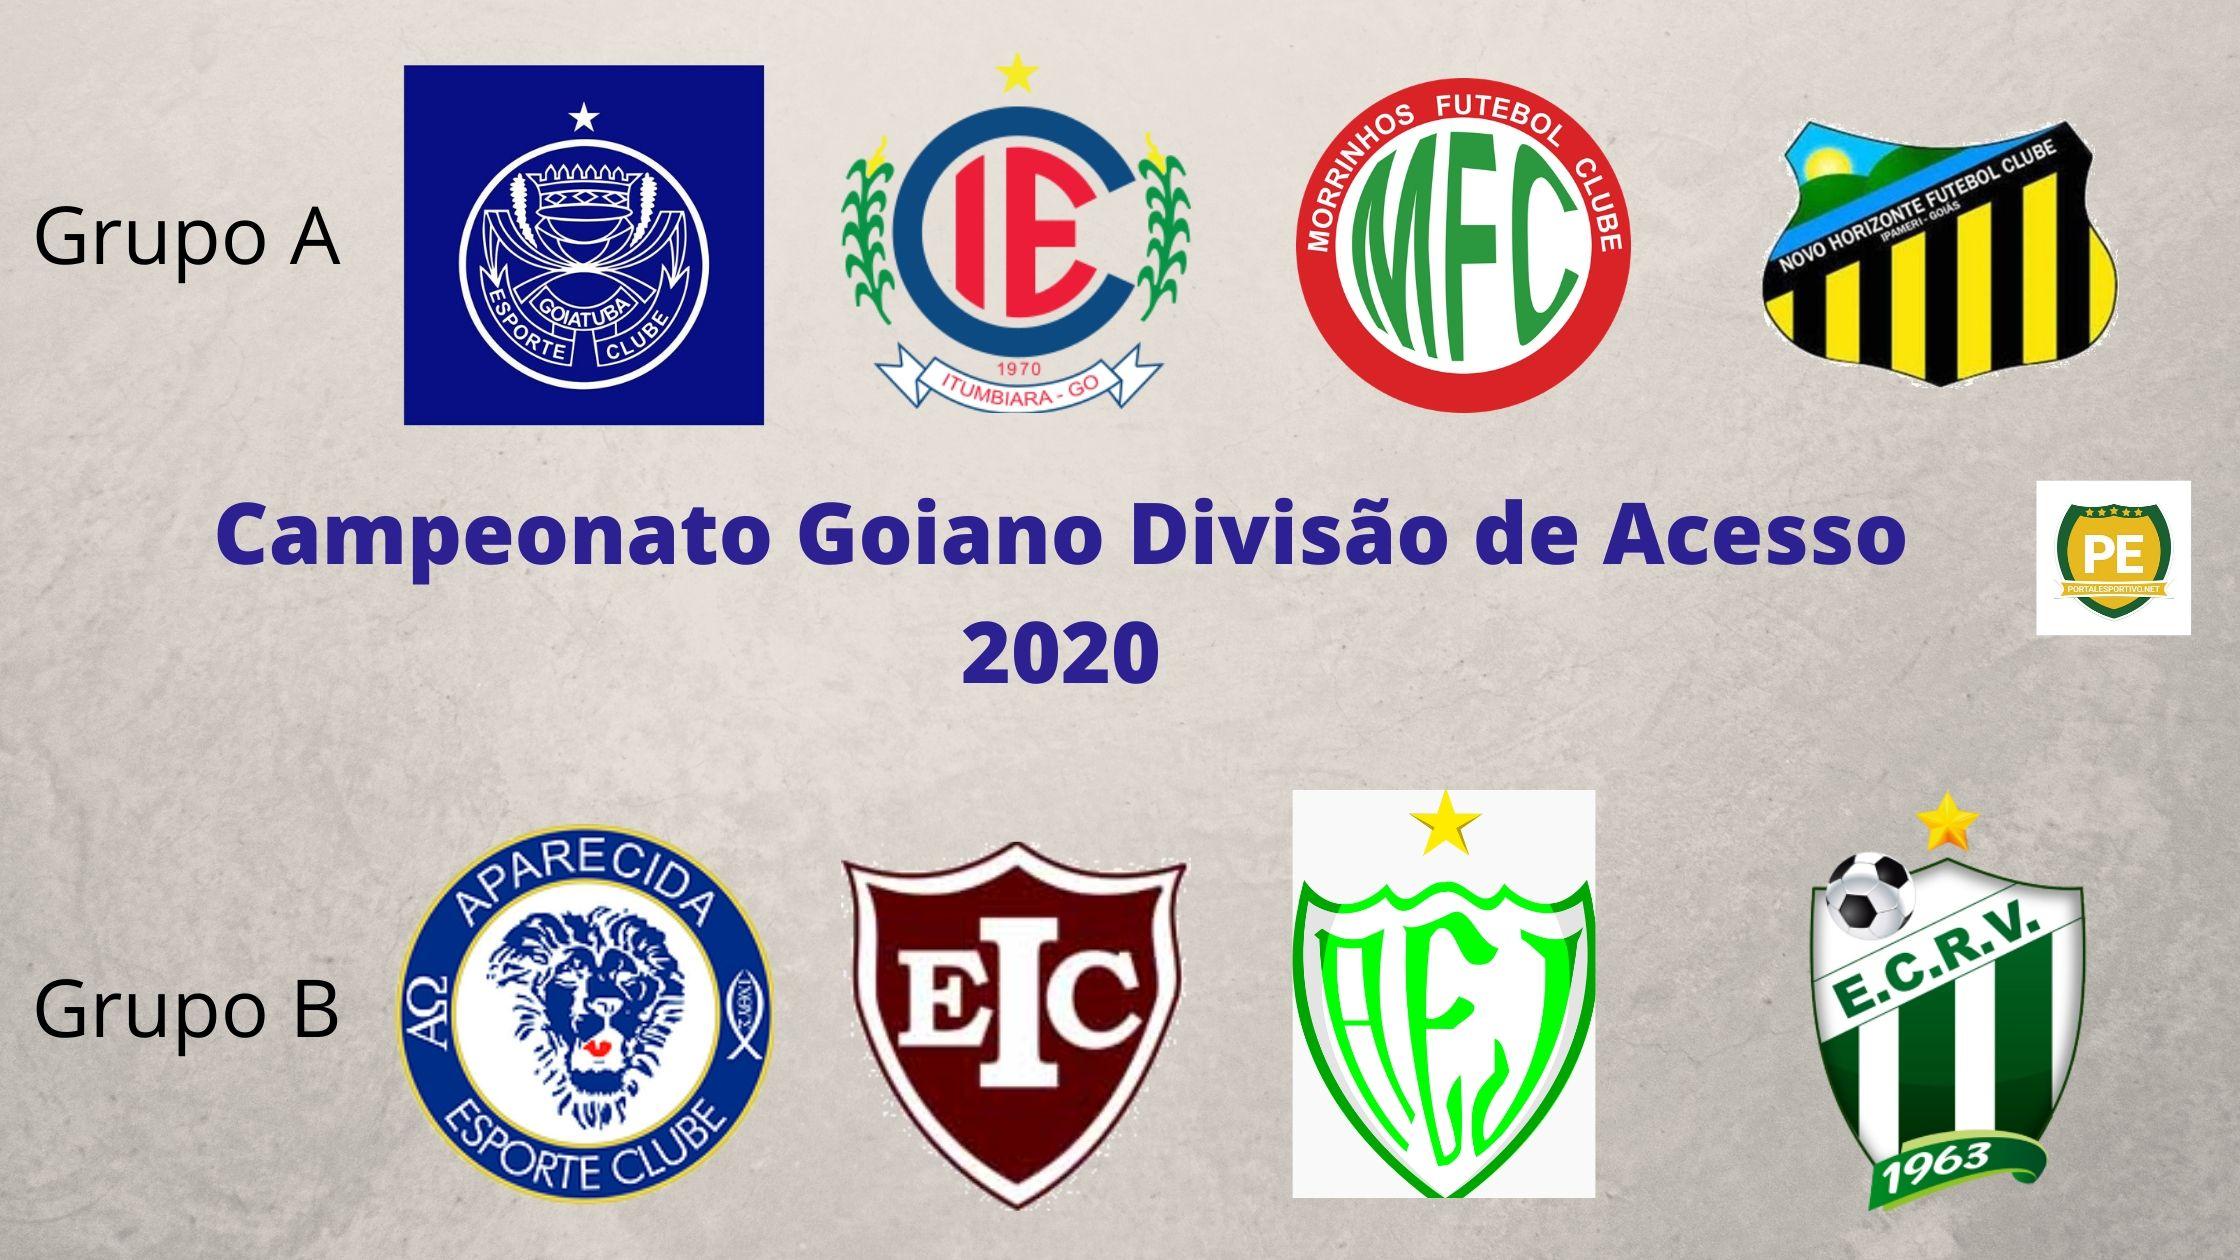 Clubes da Divisão de Acesso dificilmente terão ajuda da FGF caso tenha competição este ano